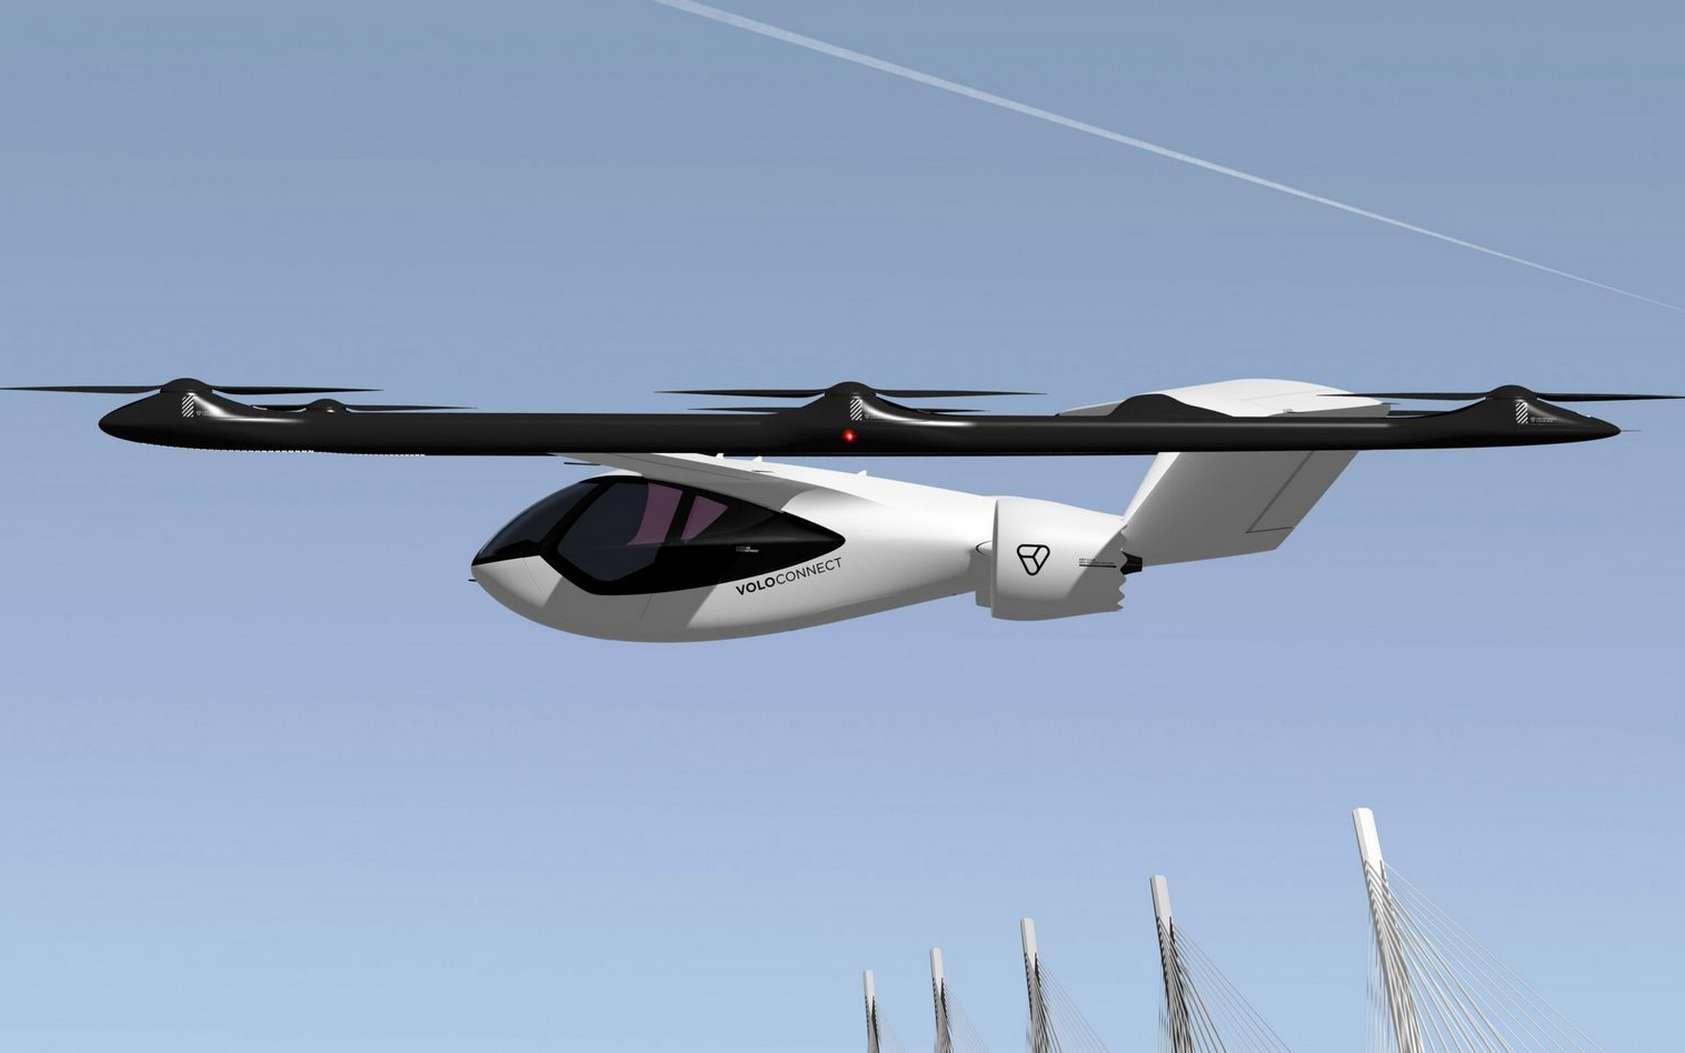 Le nouveau taxi volant VoloConnect de Volocopter. © Volocopter